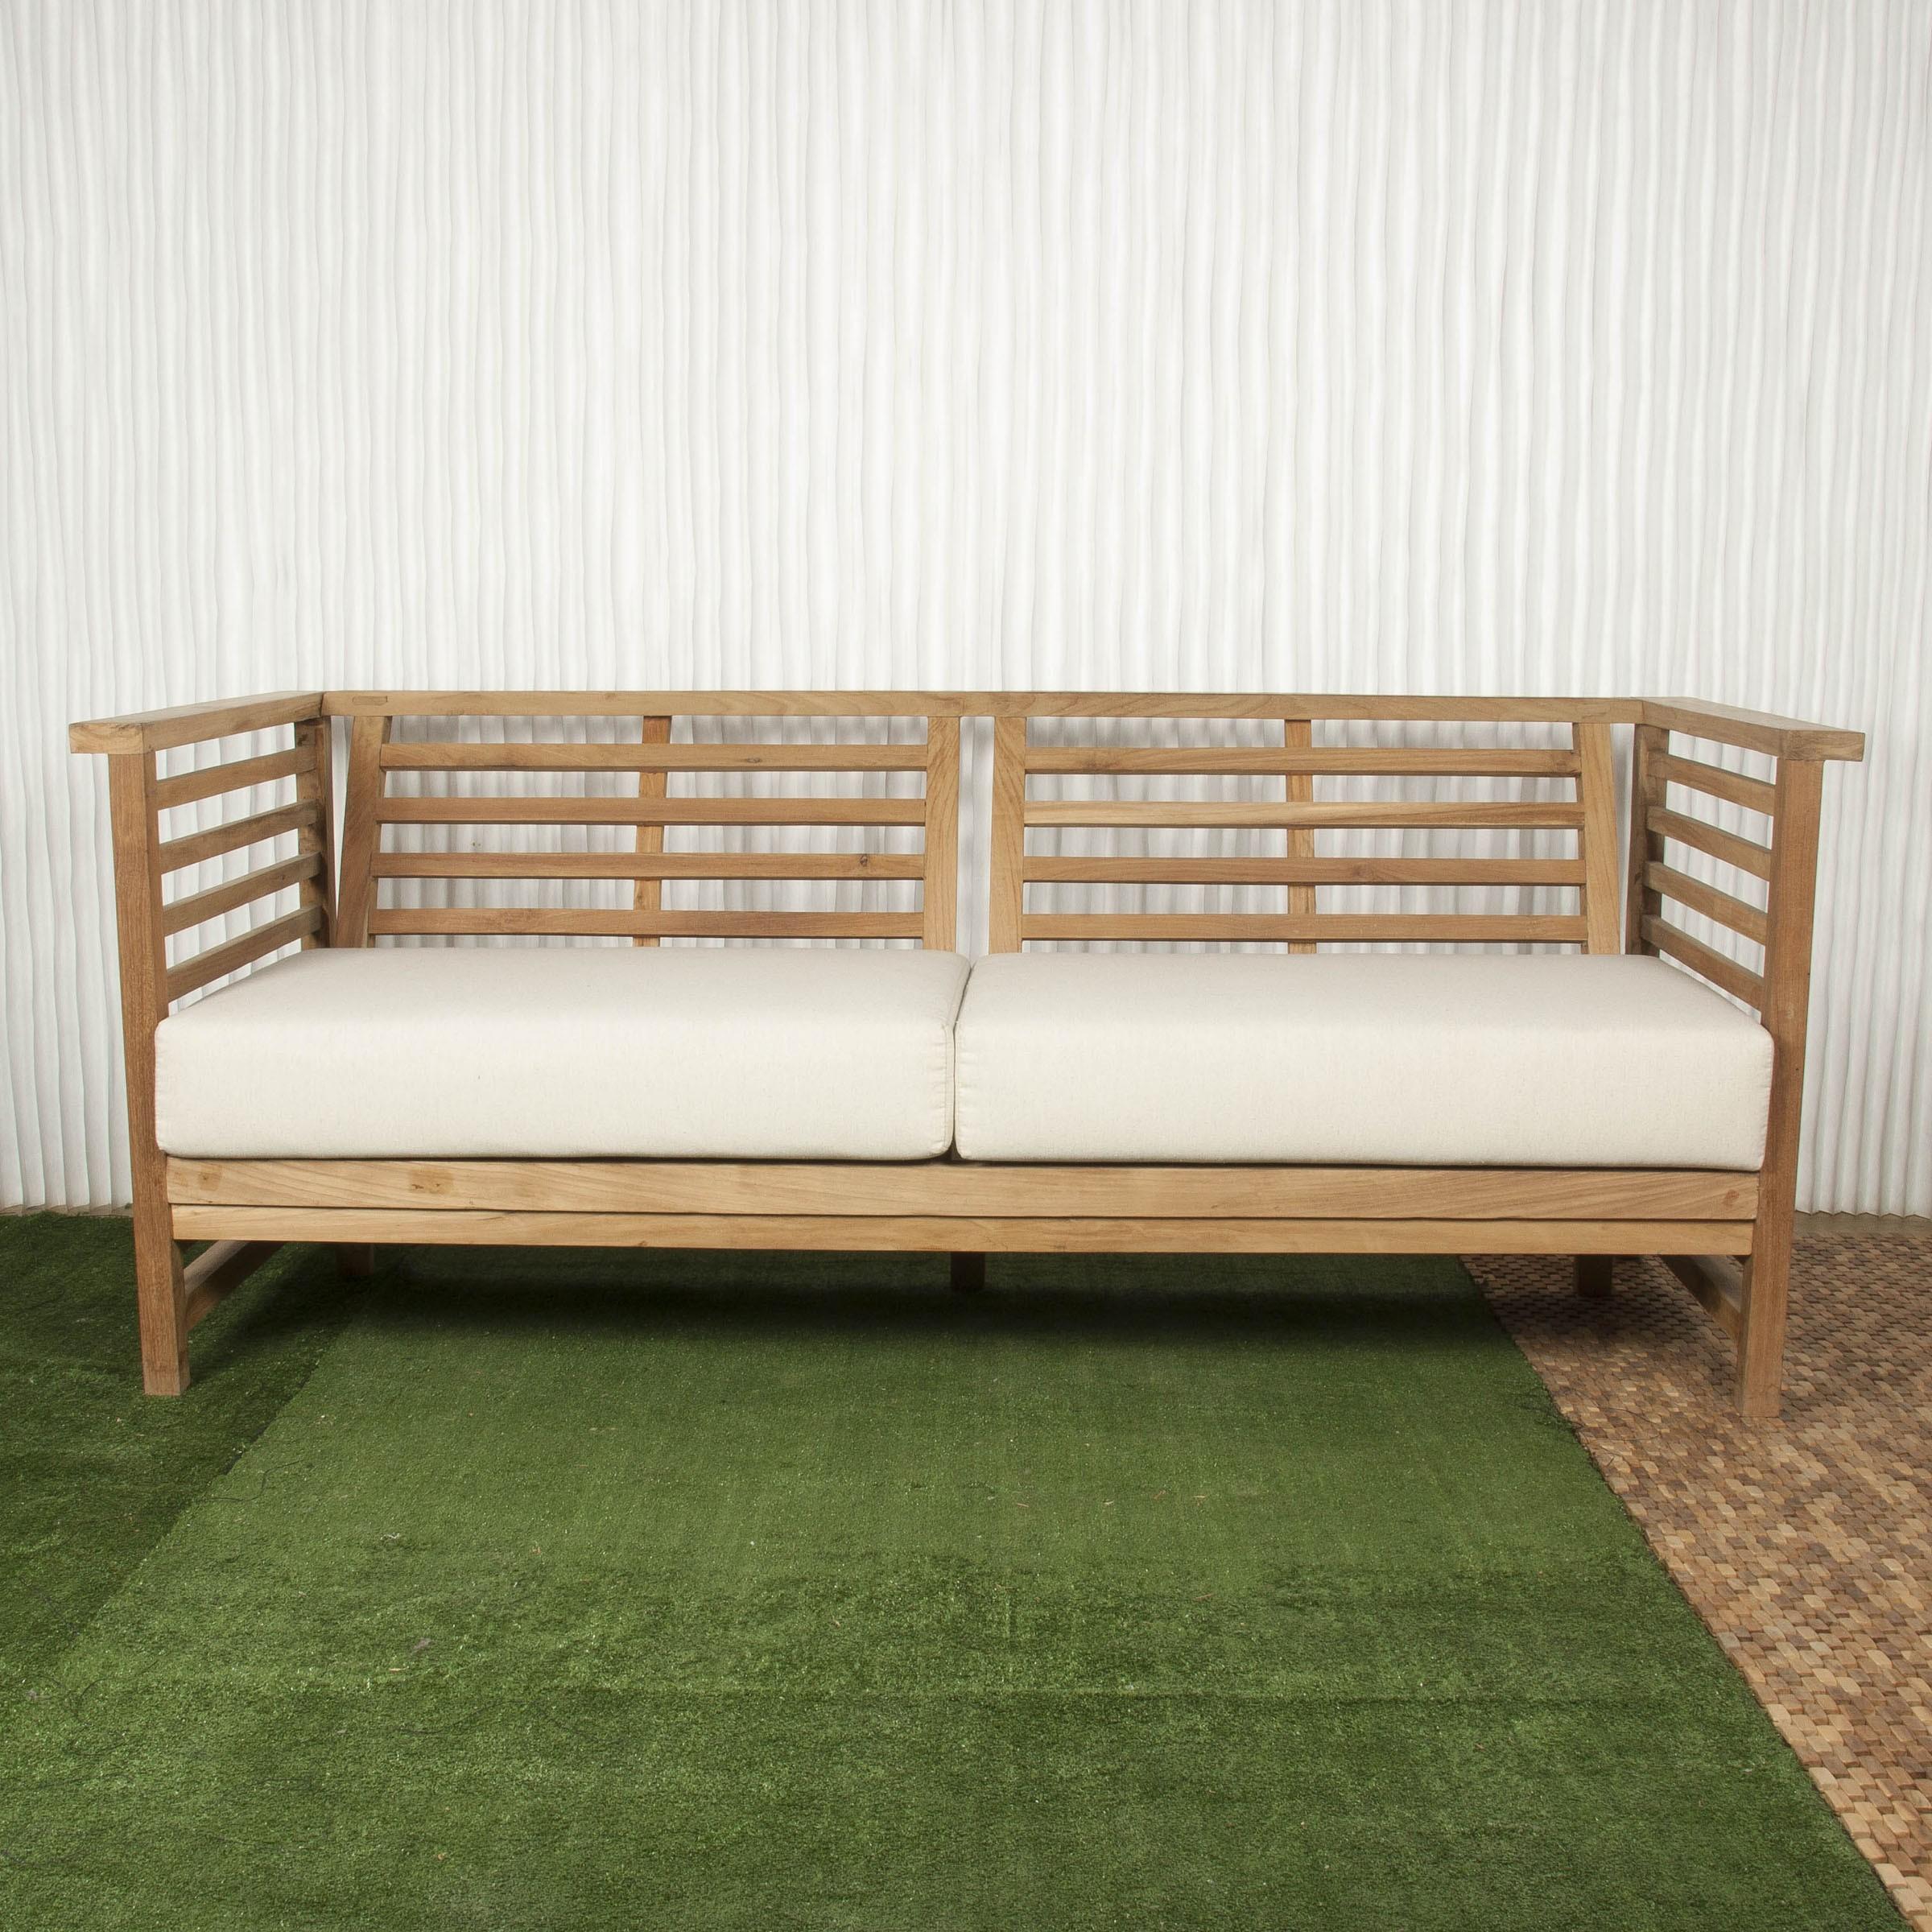 Sof exterior y sof de madera batavia for Sofa exterior hipercor